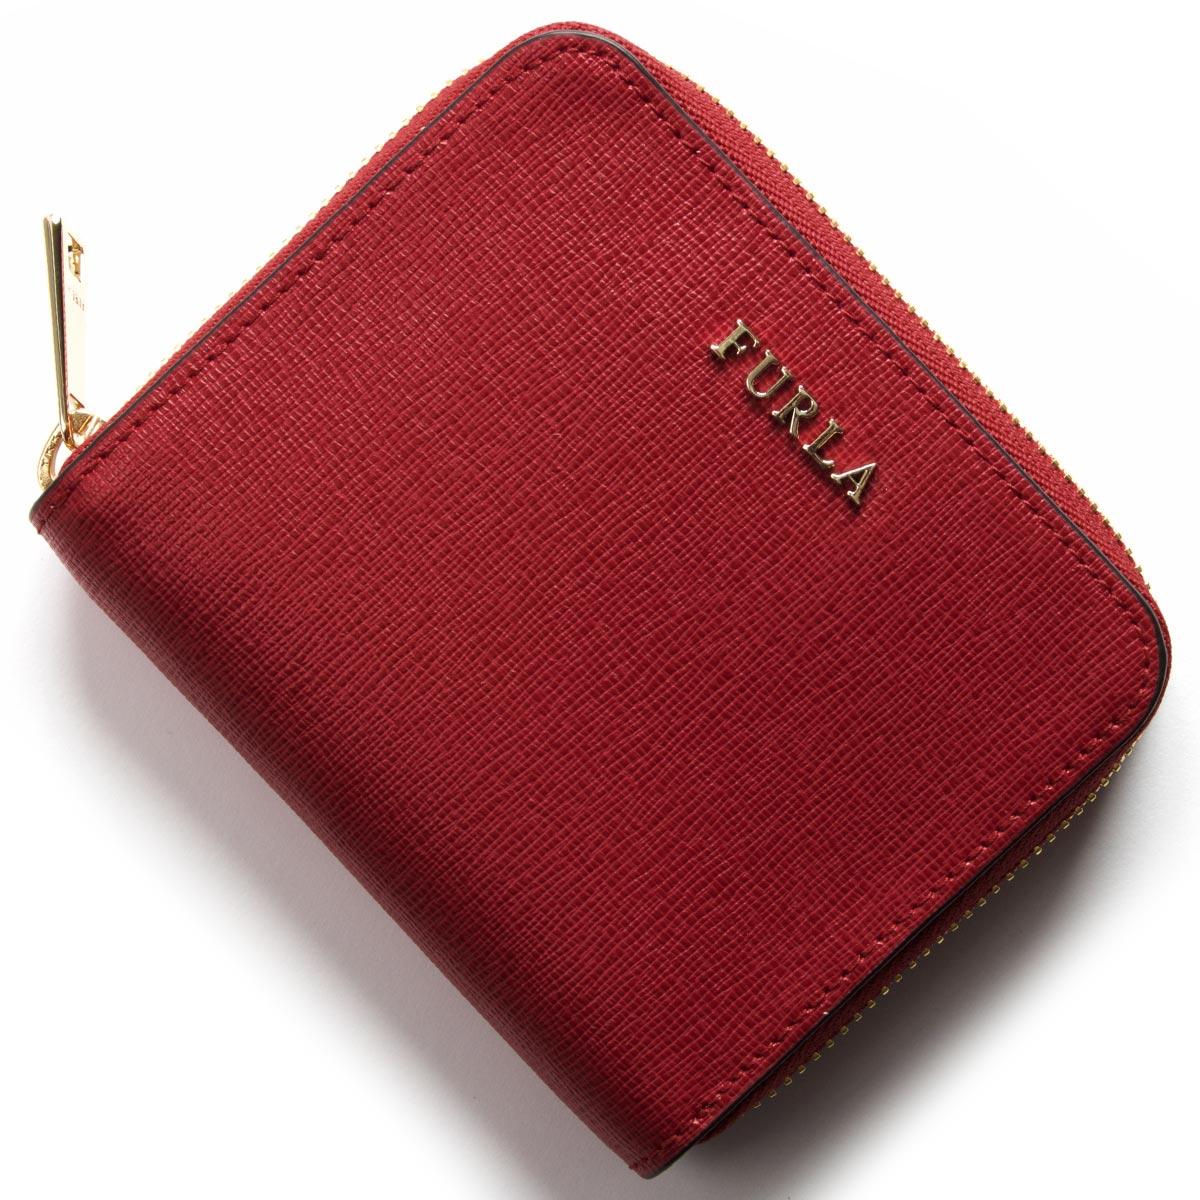 フルラ 二つ折り財布 財布 レディース バビロン BABYLON ルビーレッド PR84 B30 RUB 908289 FURLA